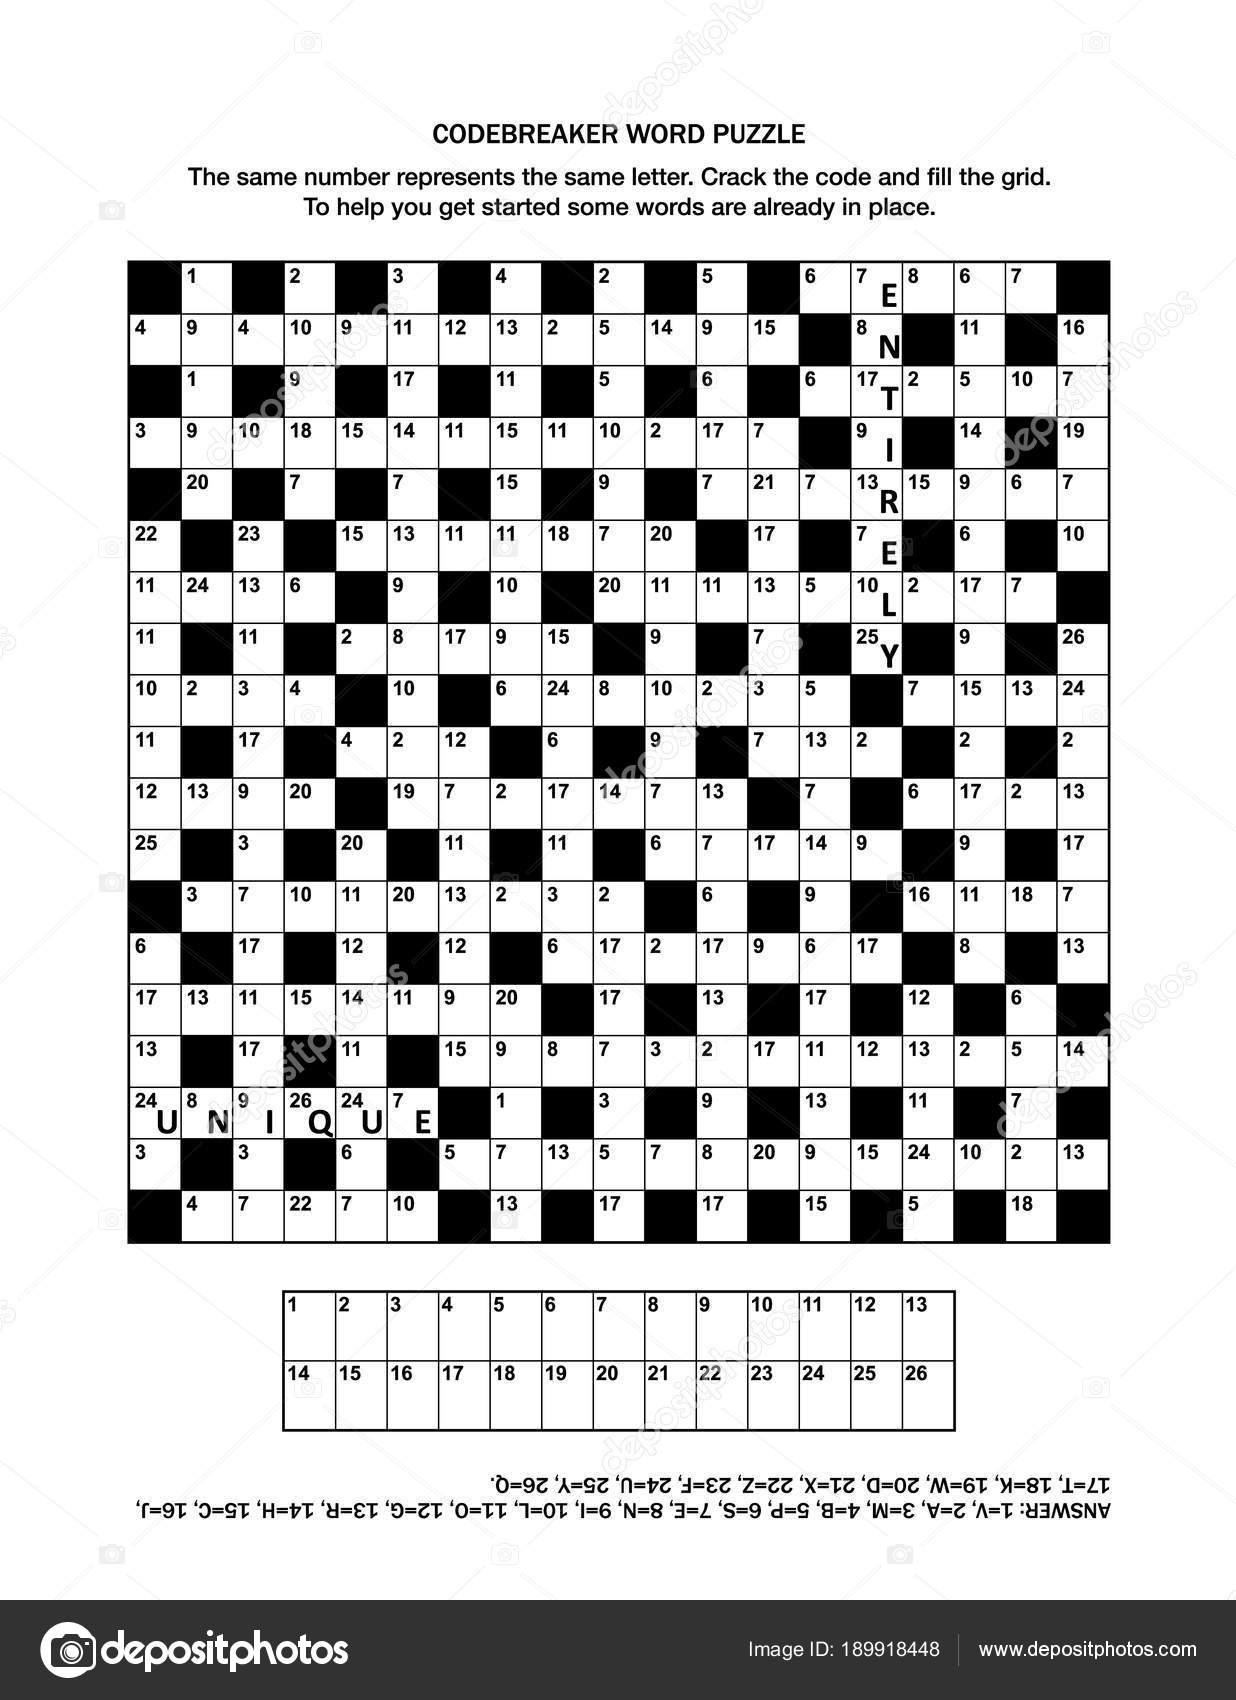 Puzzle Page Codebreaker Codeword Code Cracker Word Game Crossword - Printable Codeword Puzzle